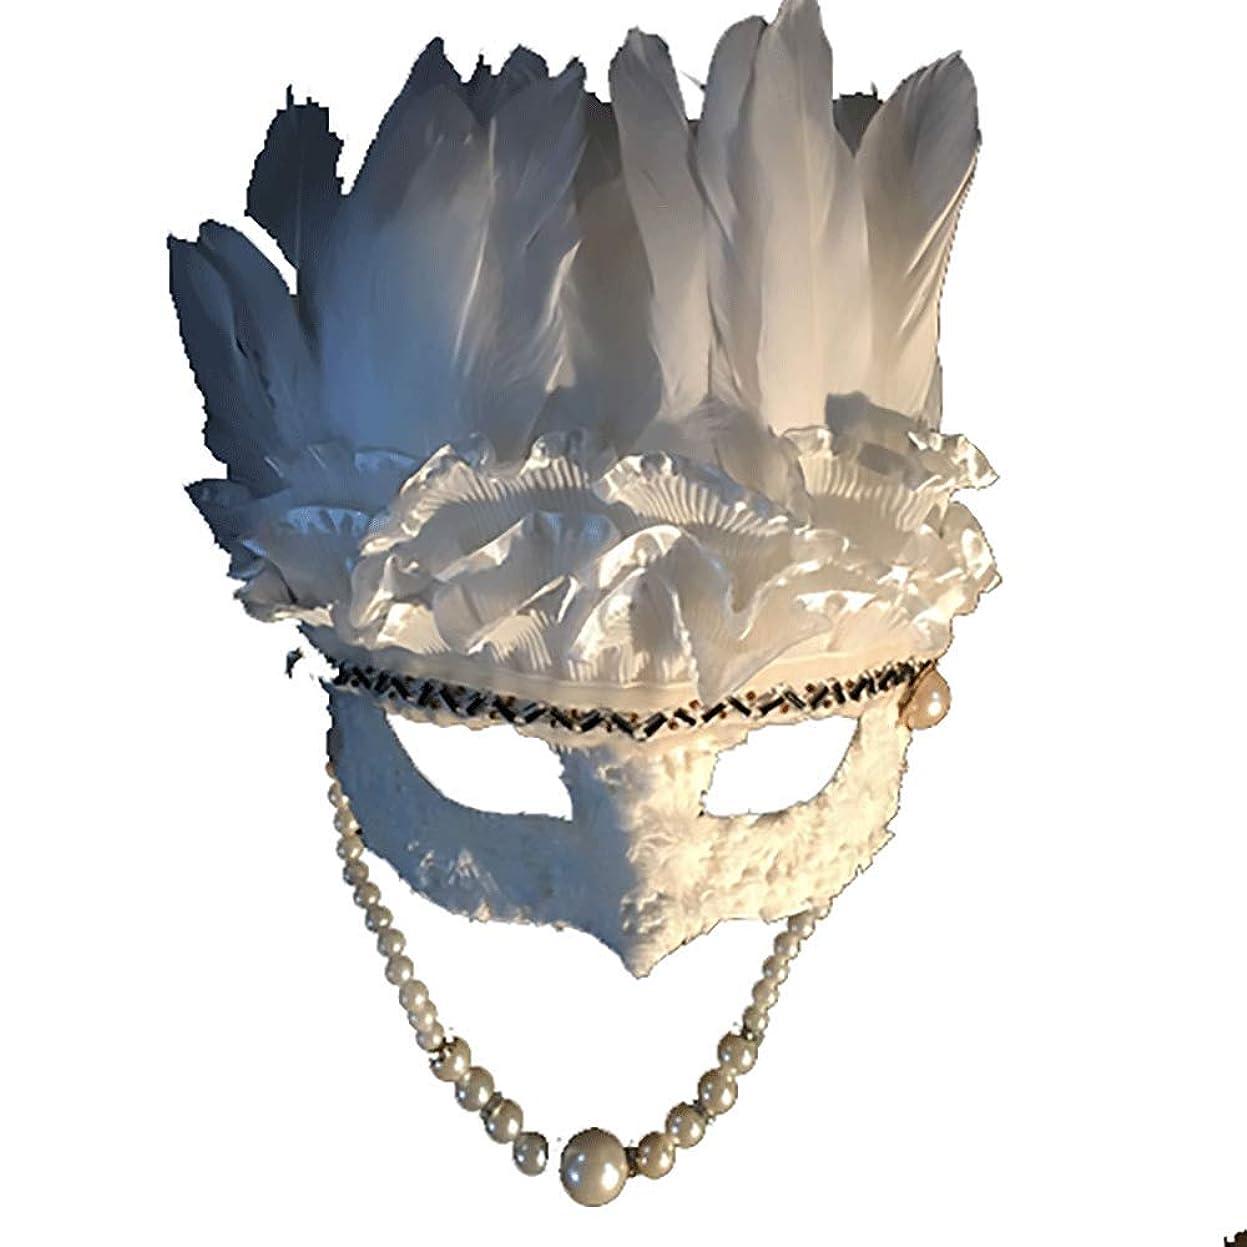 クランシーパブによってNanle ハロウィンクリスマスフェザースパンコール刺繍ビーズマスク仮装マスクレディミスプリンセス美容祭パーティーデコレーションマスク